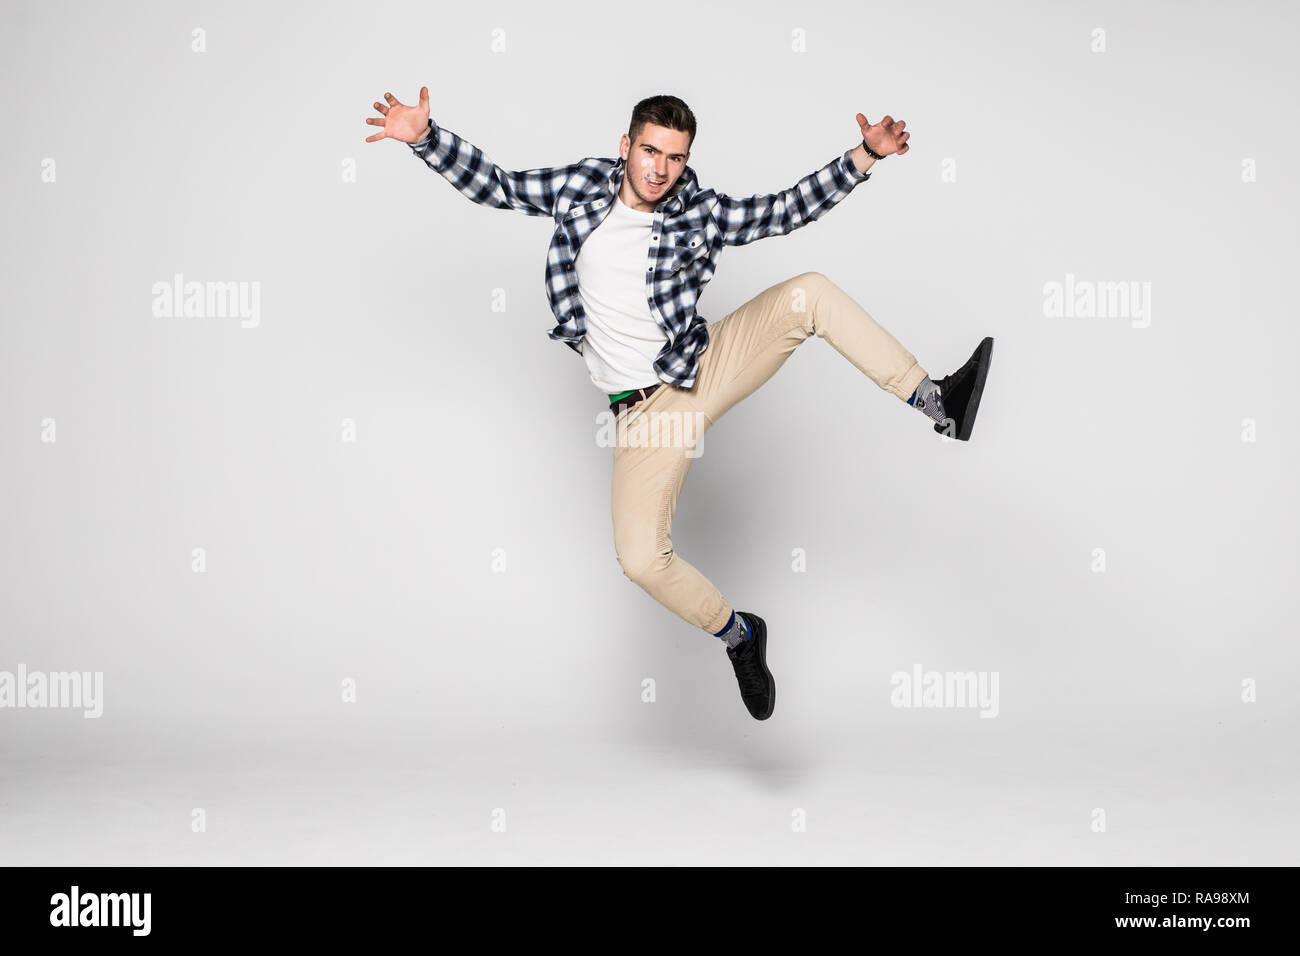 Imagen dinámica. Longitud total, las piernas, el cuerpo, el tamaño de la vista lateral del perfil vertical del apuesto hombre atractivo jupm aislado sobre fondo blanco. Imagen De Stock